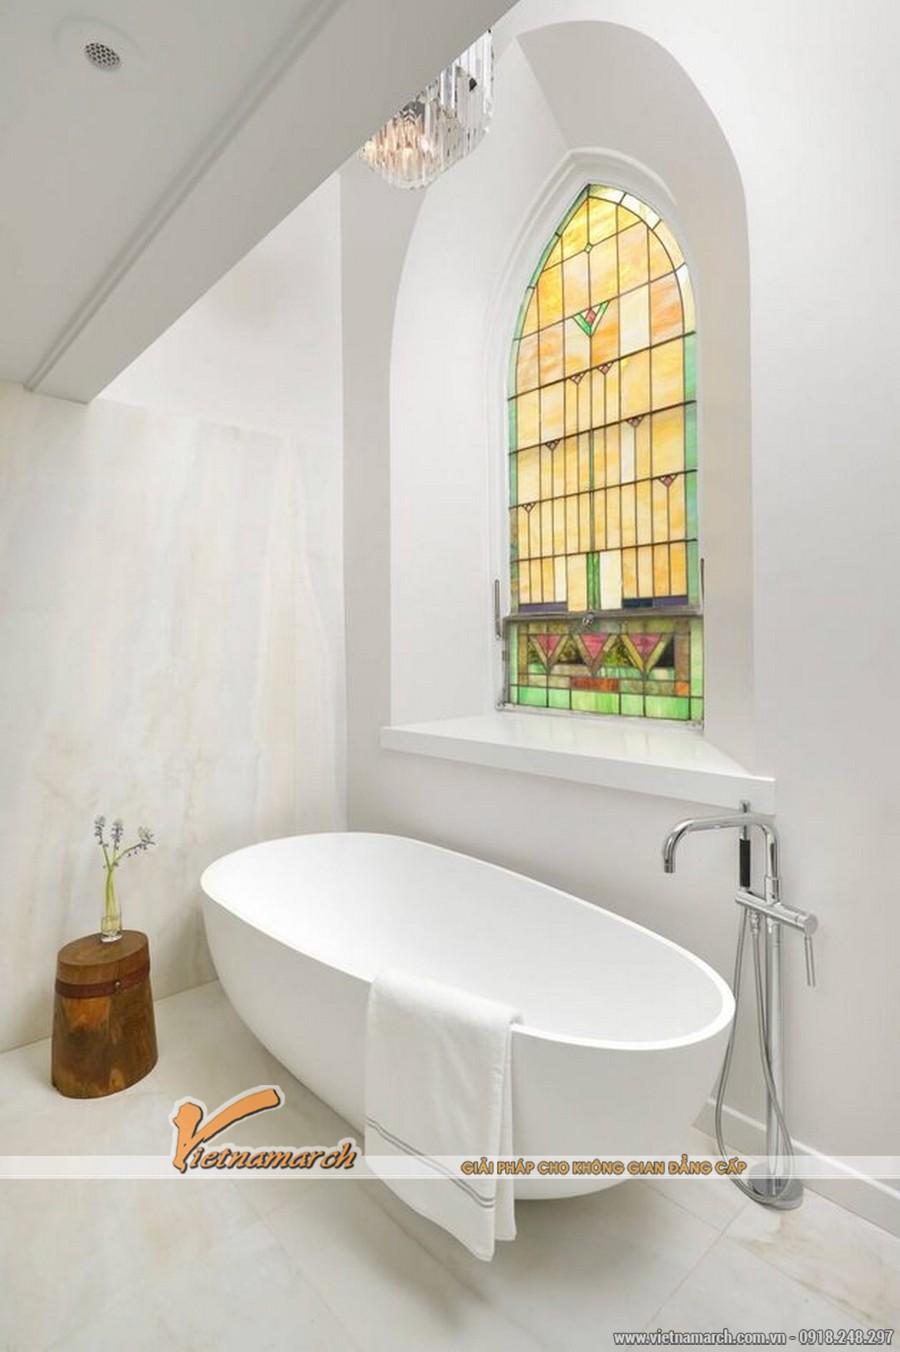 Chiếc bồn tắm hiện đại được đặt ngay cạnh cửa sổ